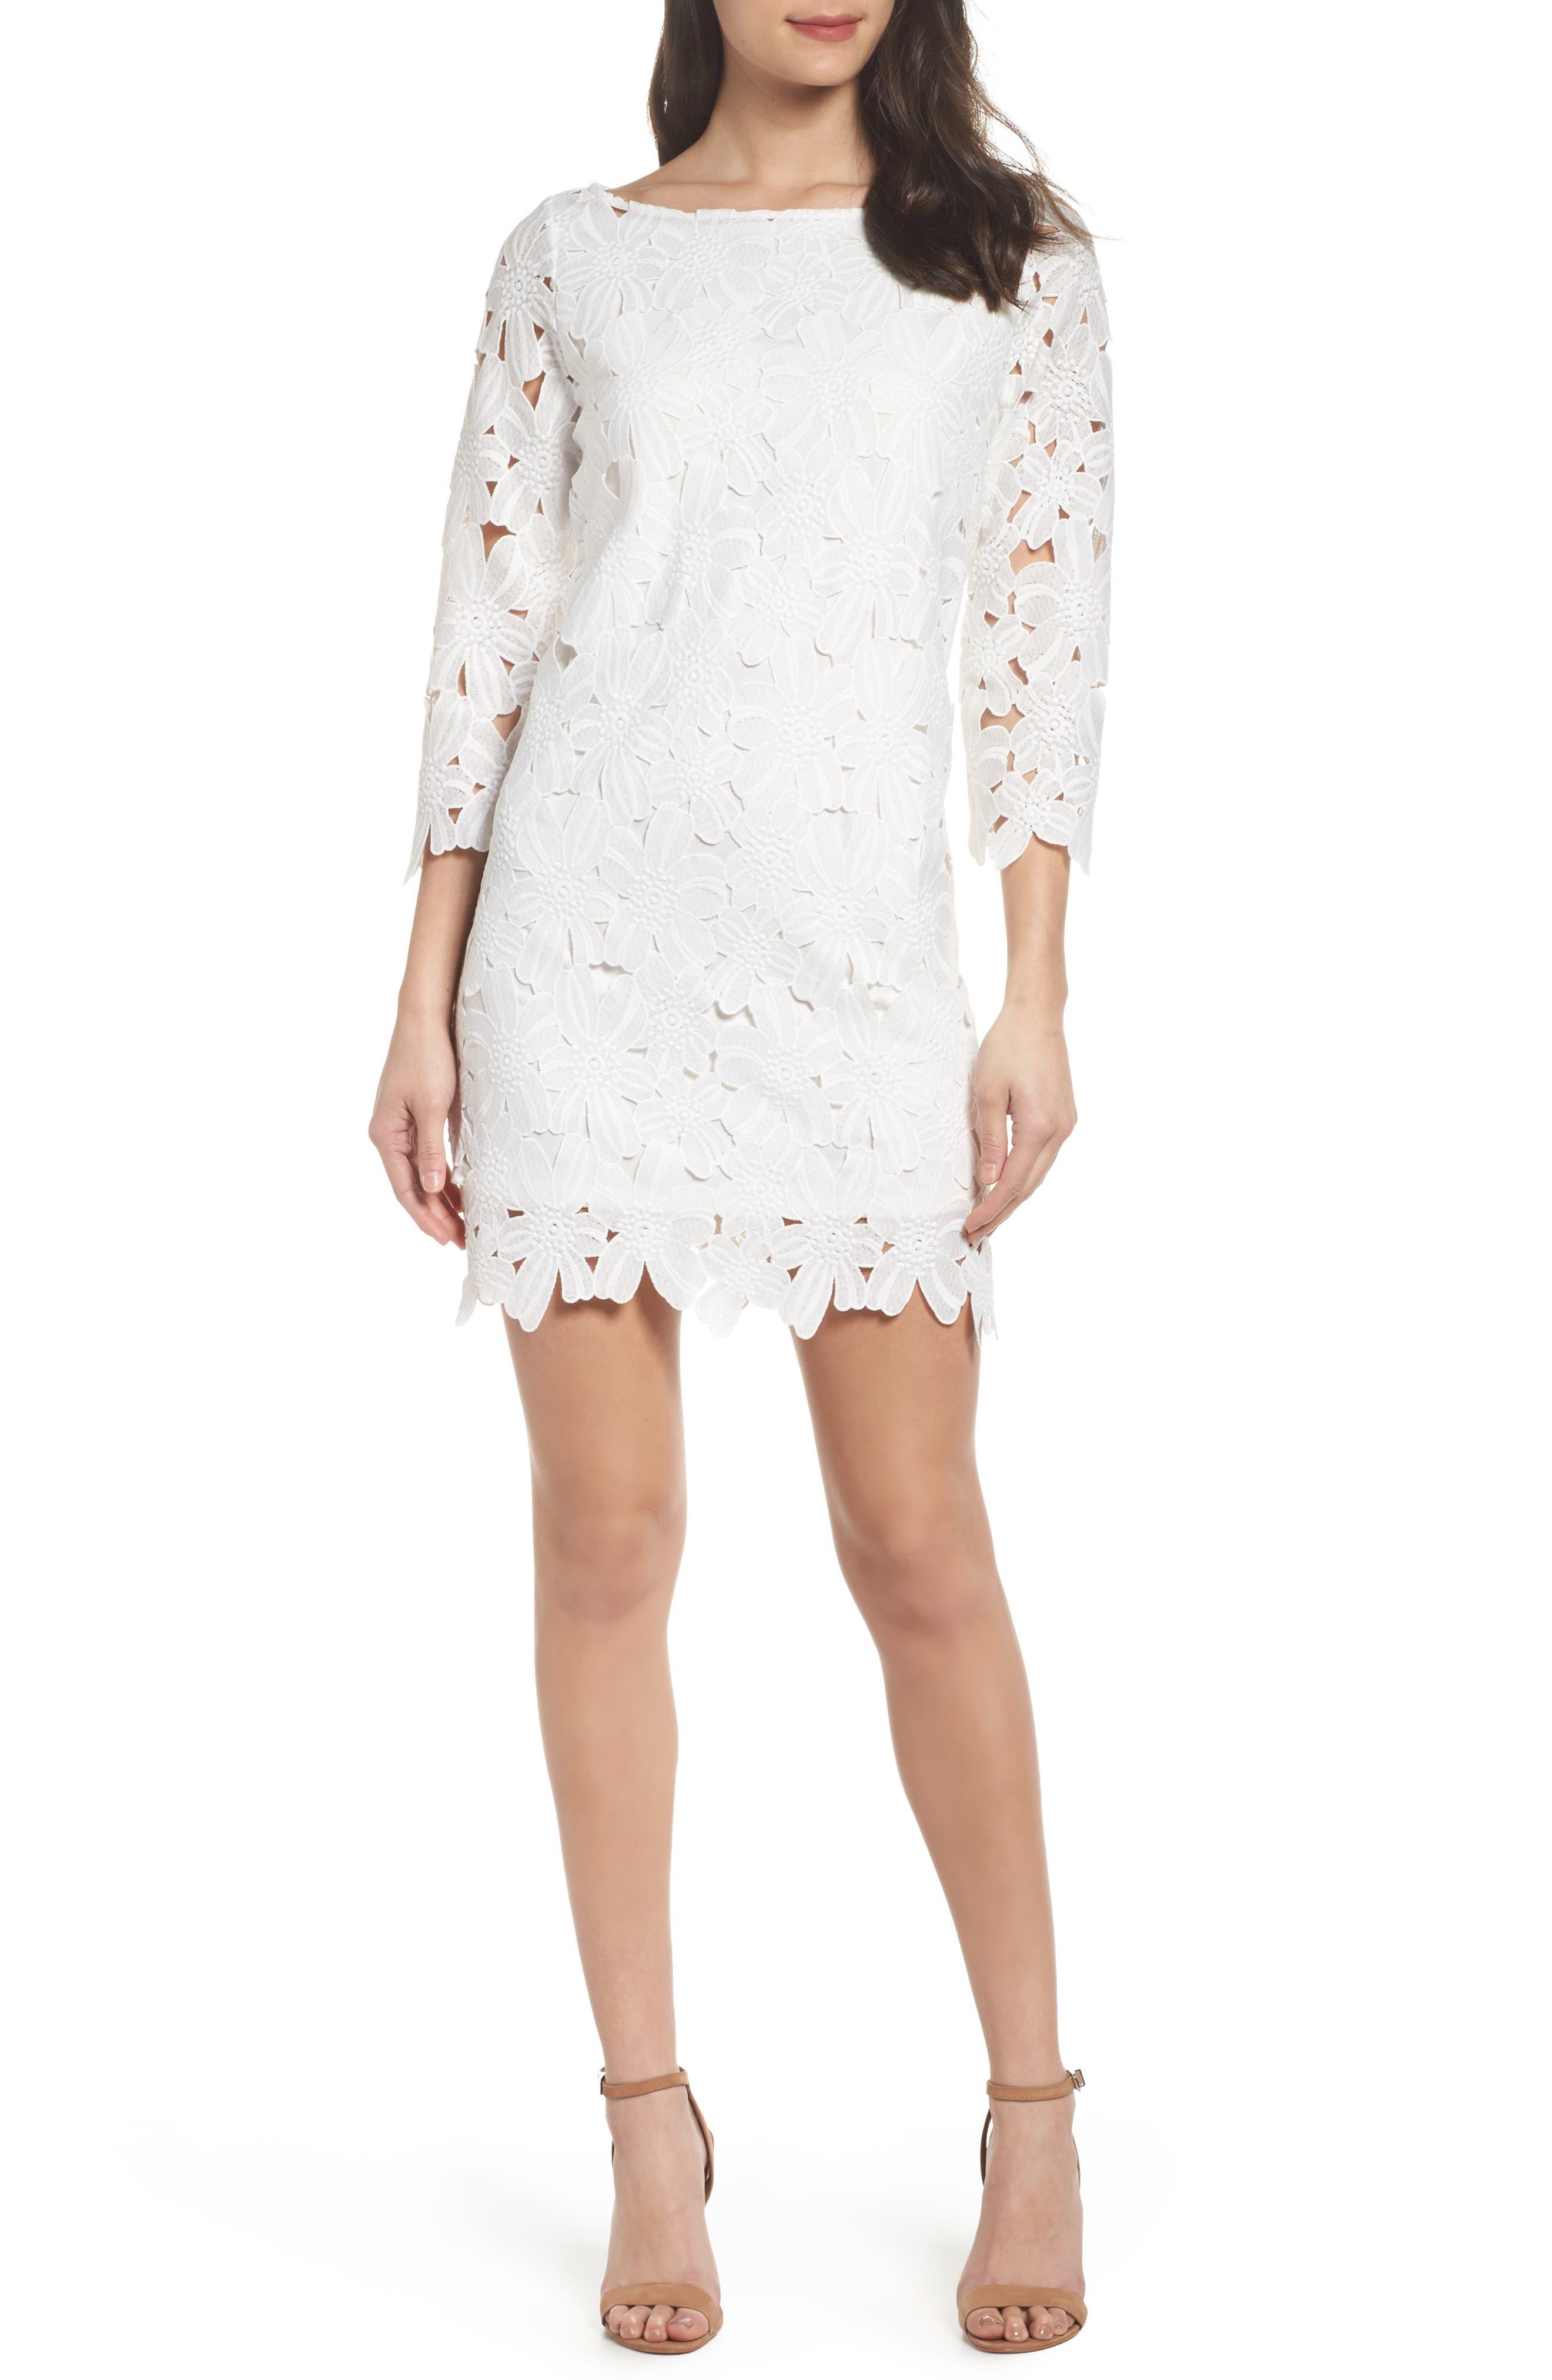 Belza Floral Lace Shift Dress,                         Main,                         color, White